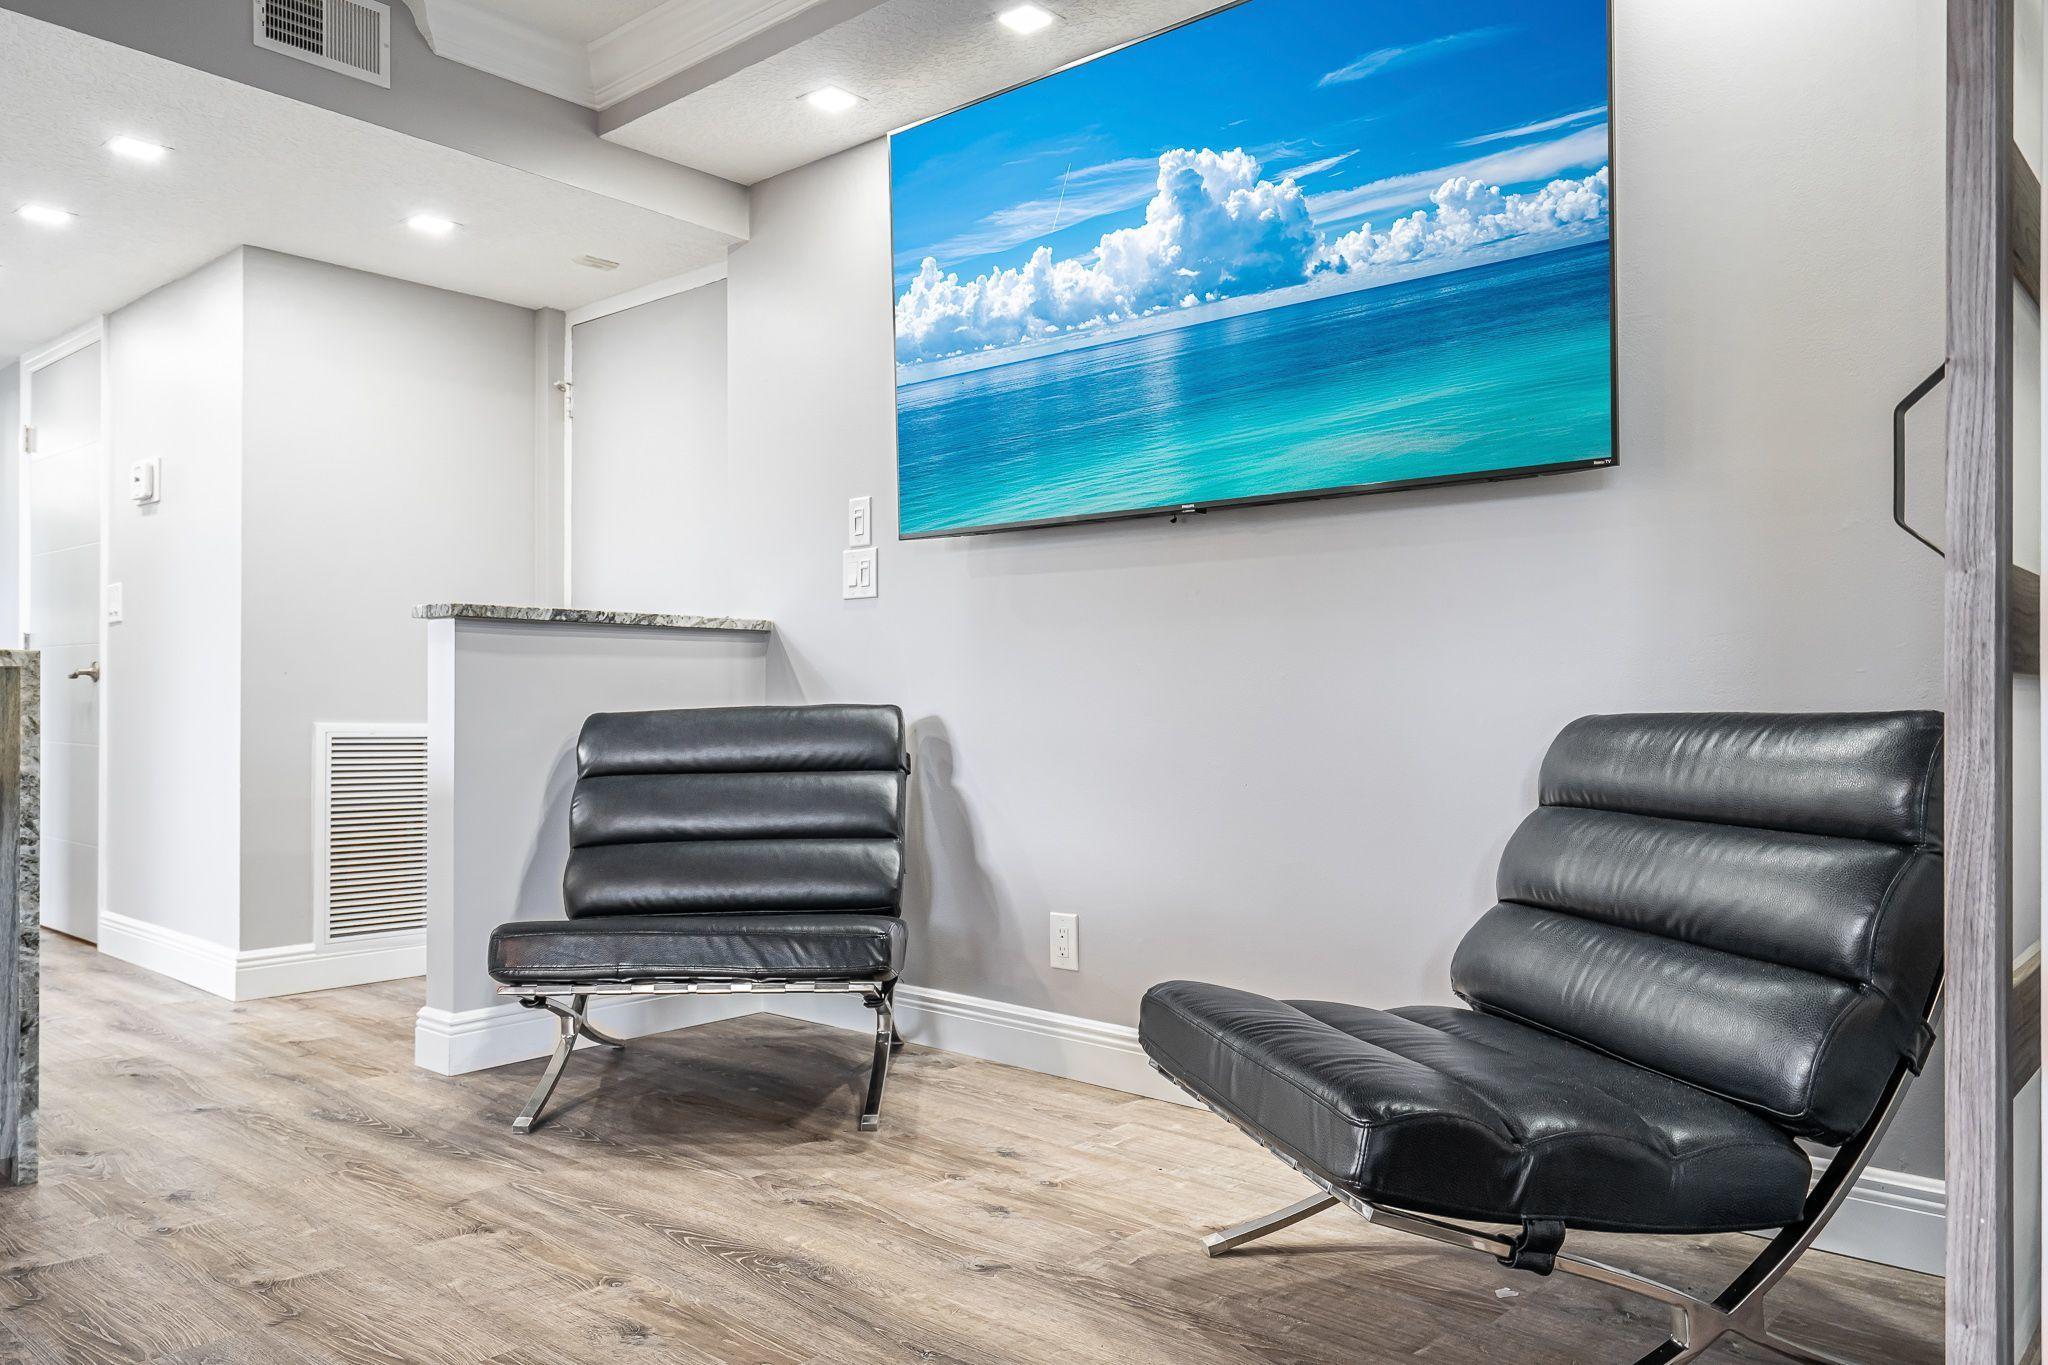 livingroom TV - Copy